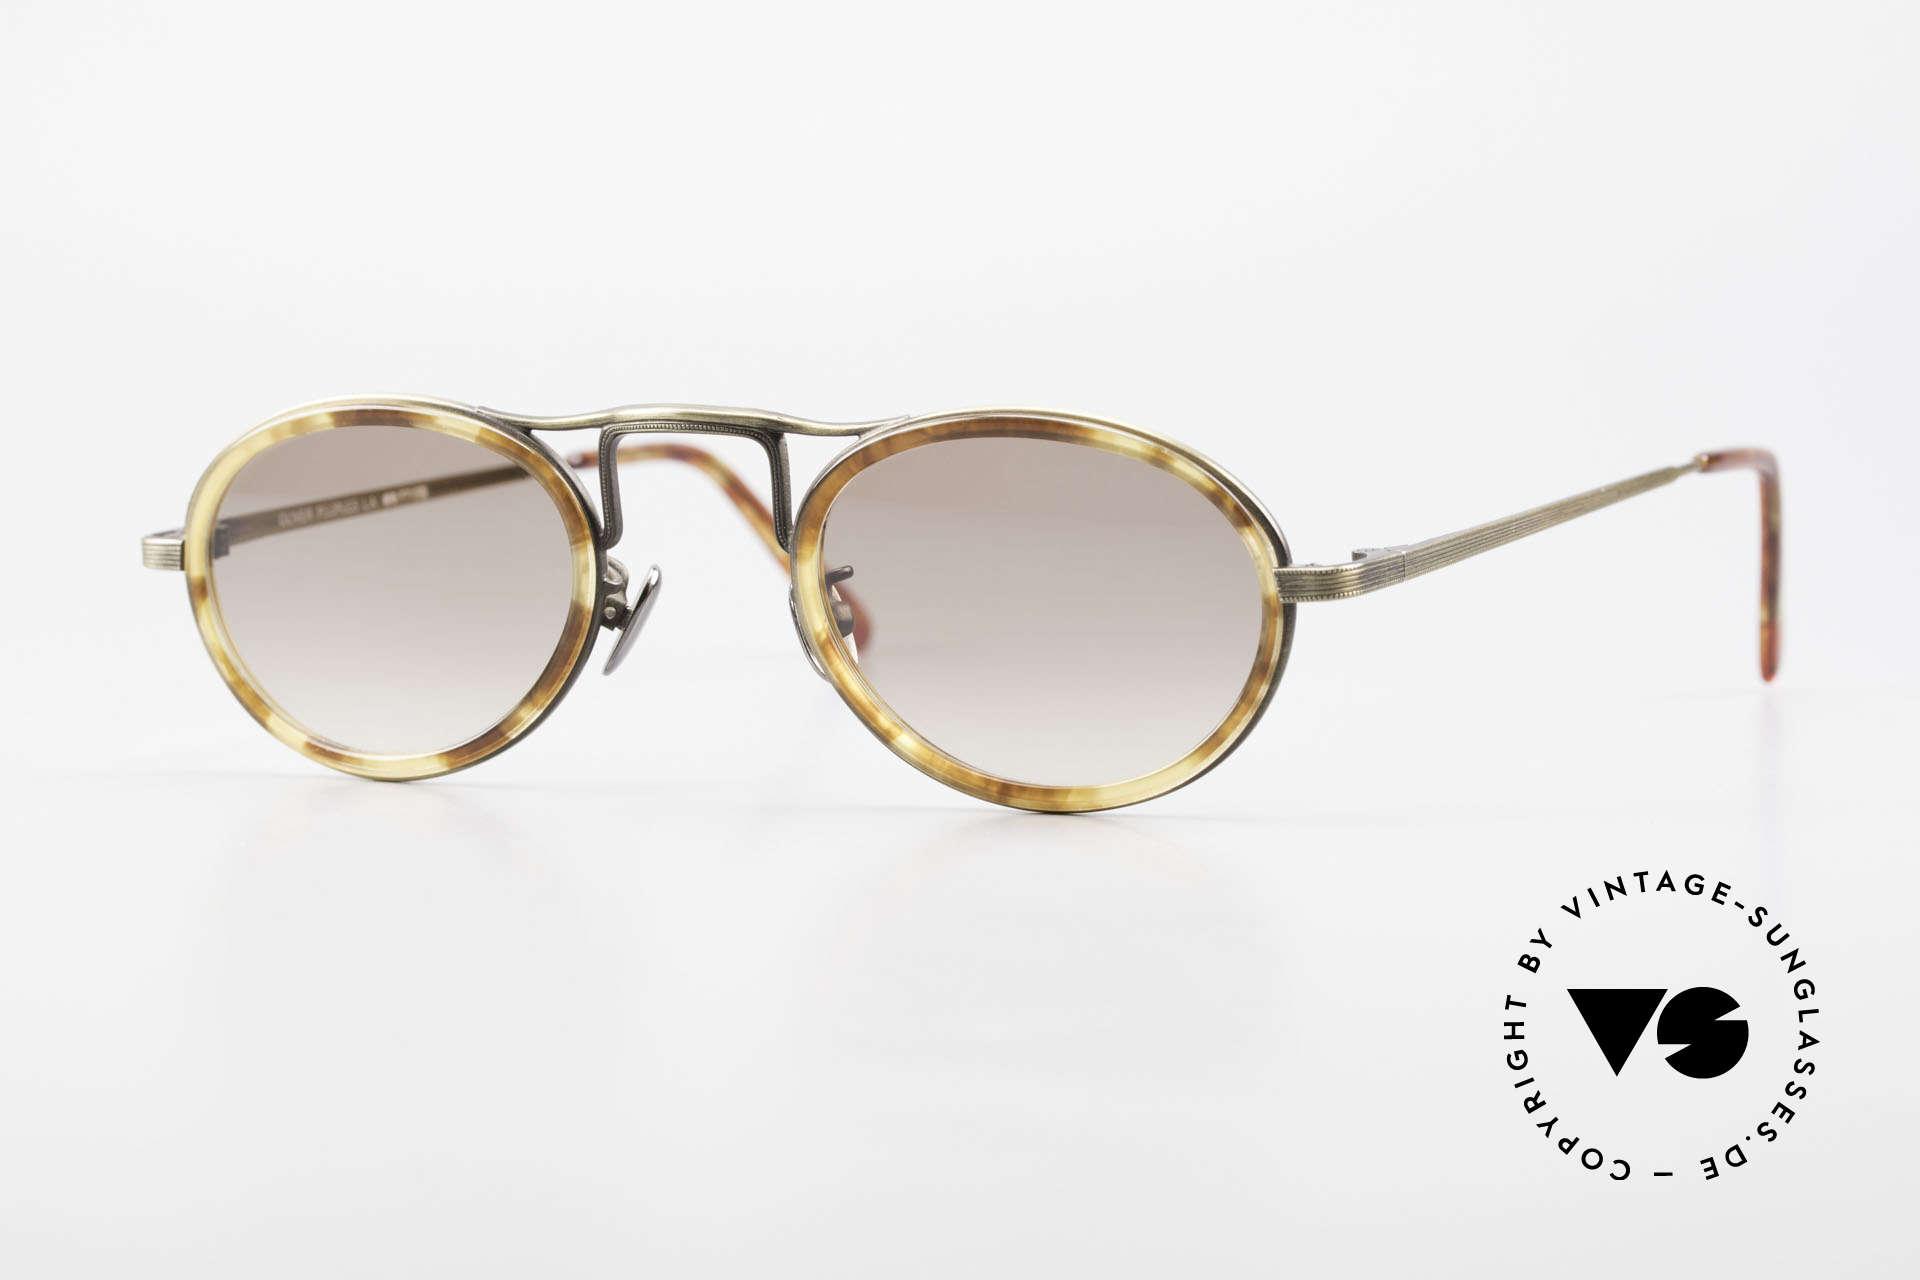 Oliver Peoples MP1 Vintage Designer Brille Oval, vintage Oliver Peoples Sonnenbrille der späten 90er, Passend für Herren und Damen